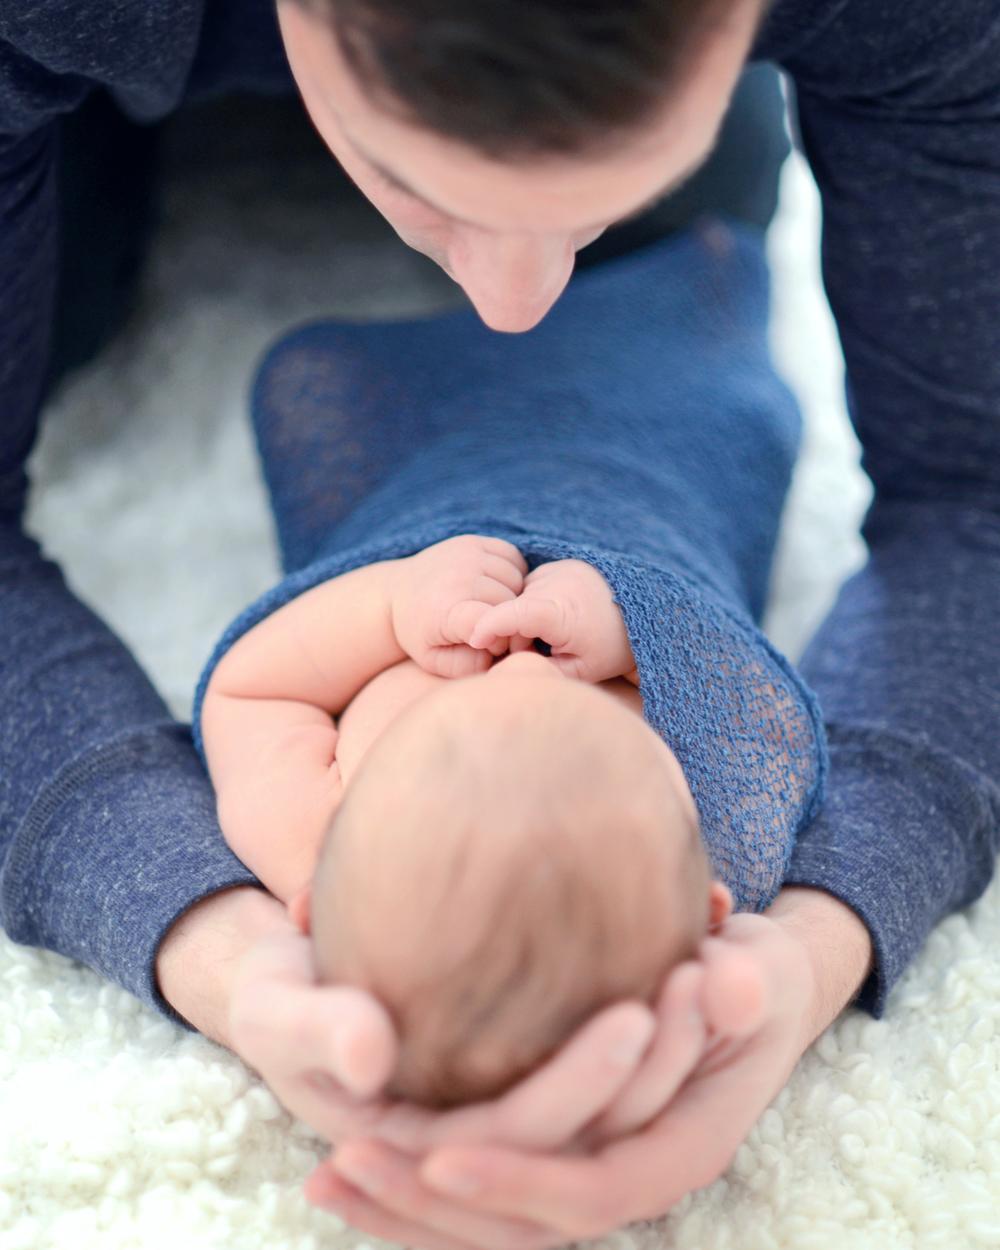 DSC_0012 rich cradle owen head in hands color.jpg